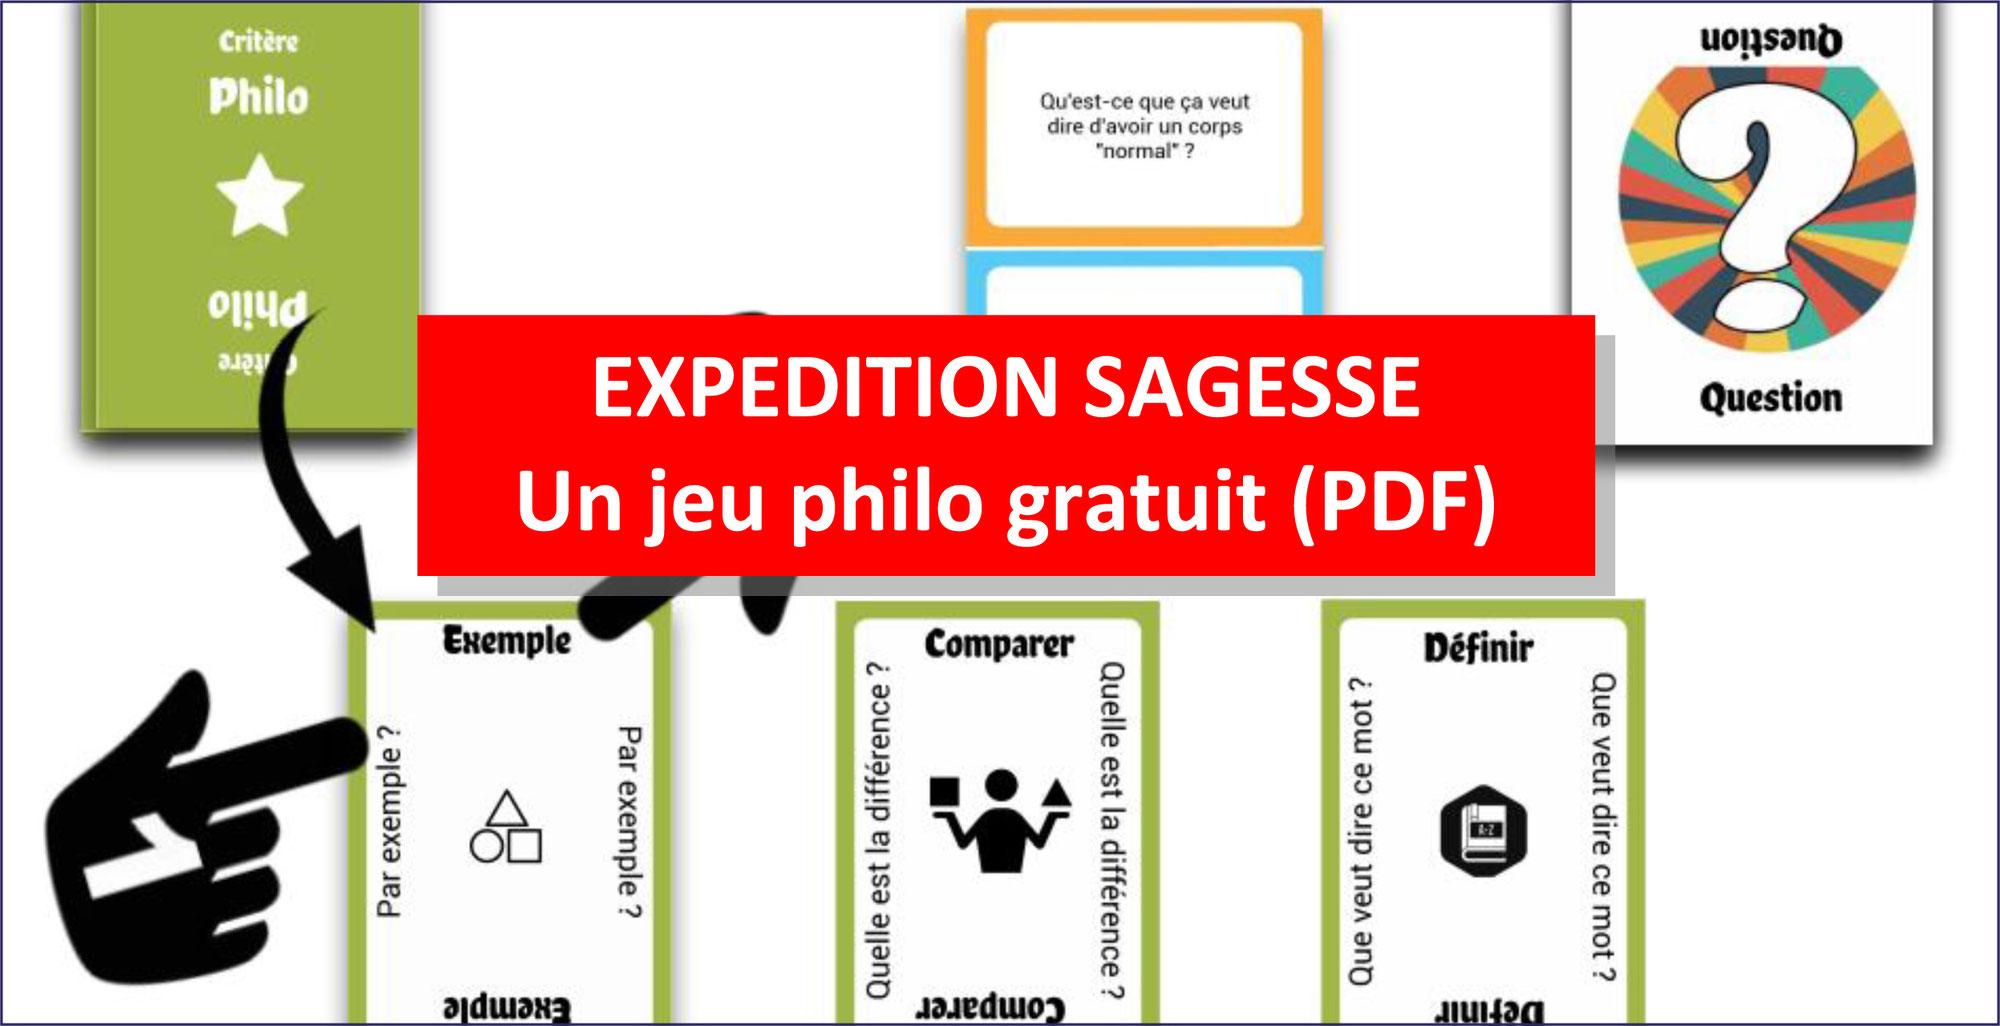 EXPÉDITION SAGESSE: un JEU GRATUIT pour philosopher avec les enfants (PDF 39 pages à télécharger)